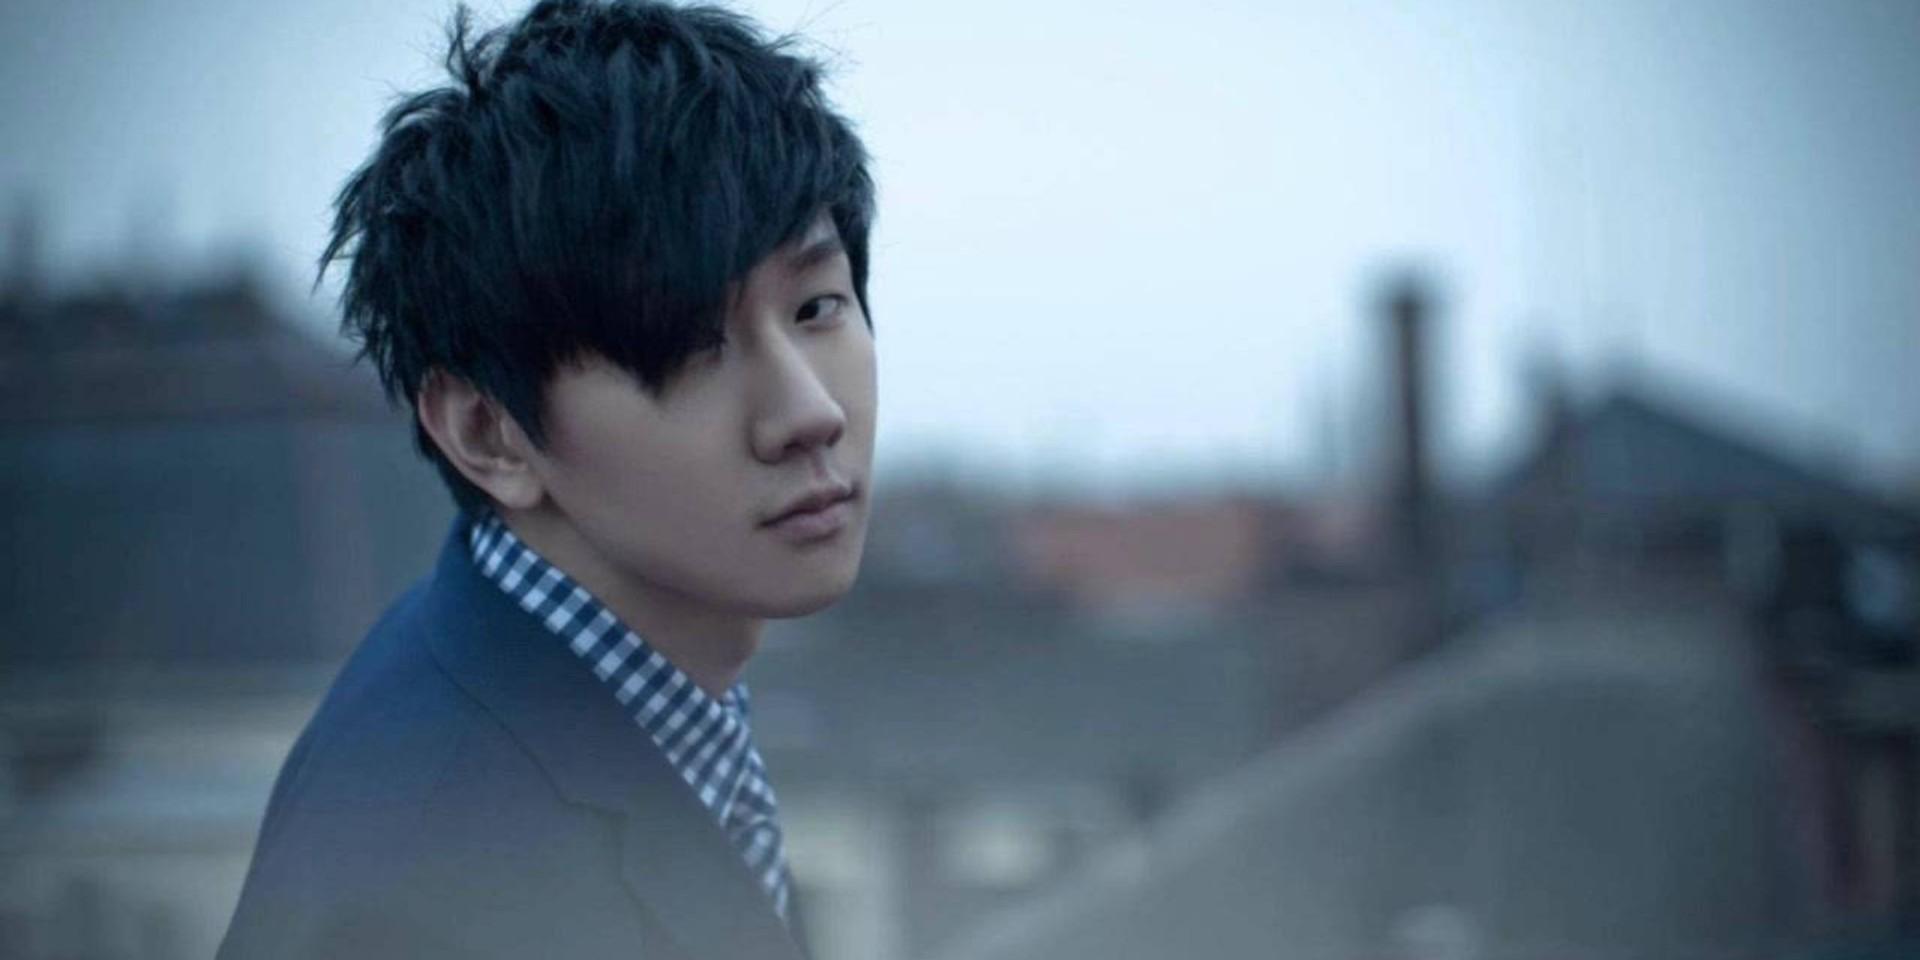 林俊杰新专辑首波双主打单曲上架